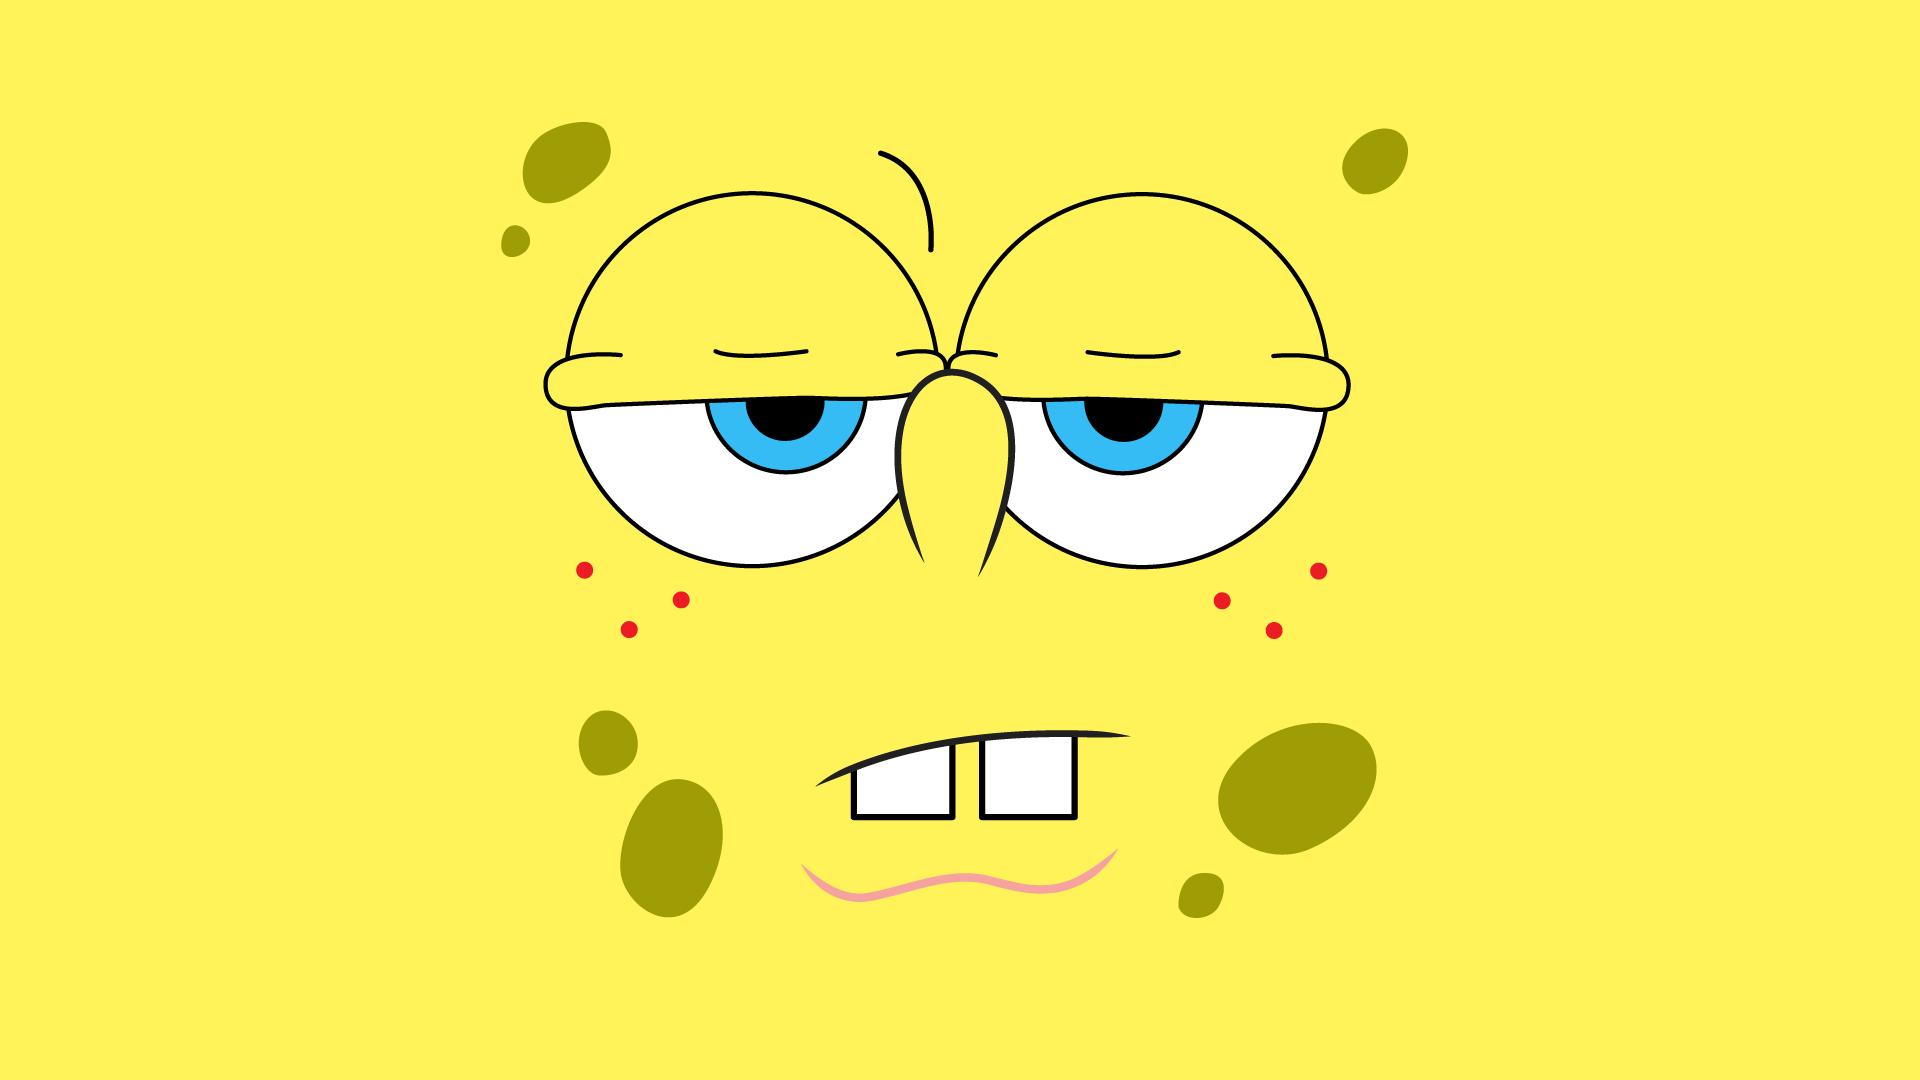 Spongebob Squarepants Wallpaper 1436 Hd Wallpapers in Cartoons 1920x1080